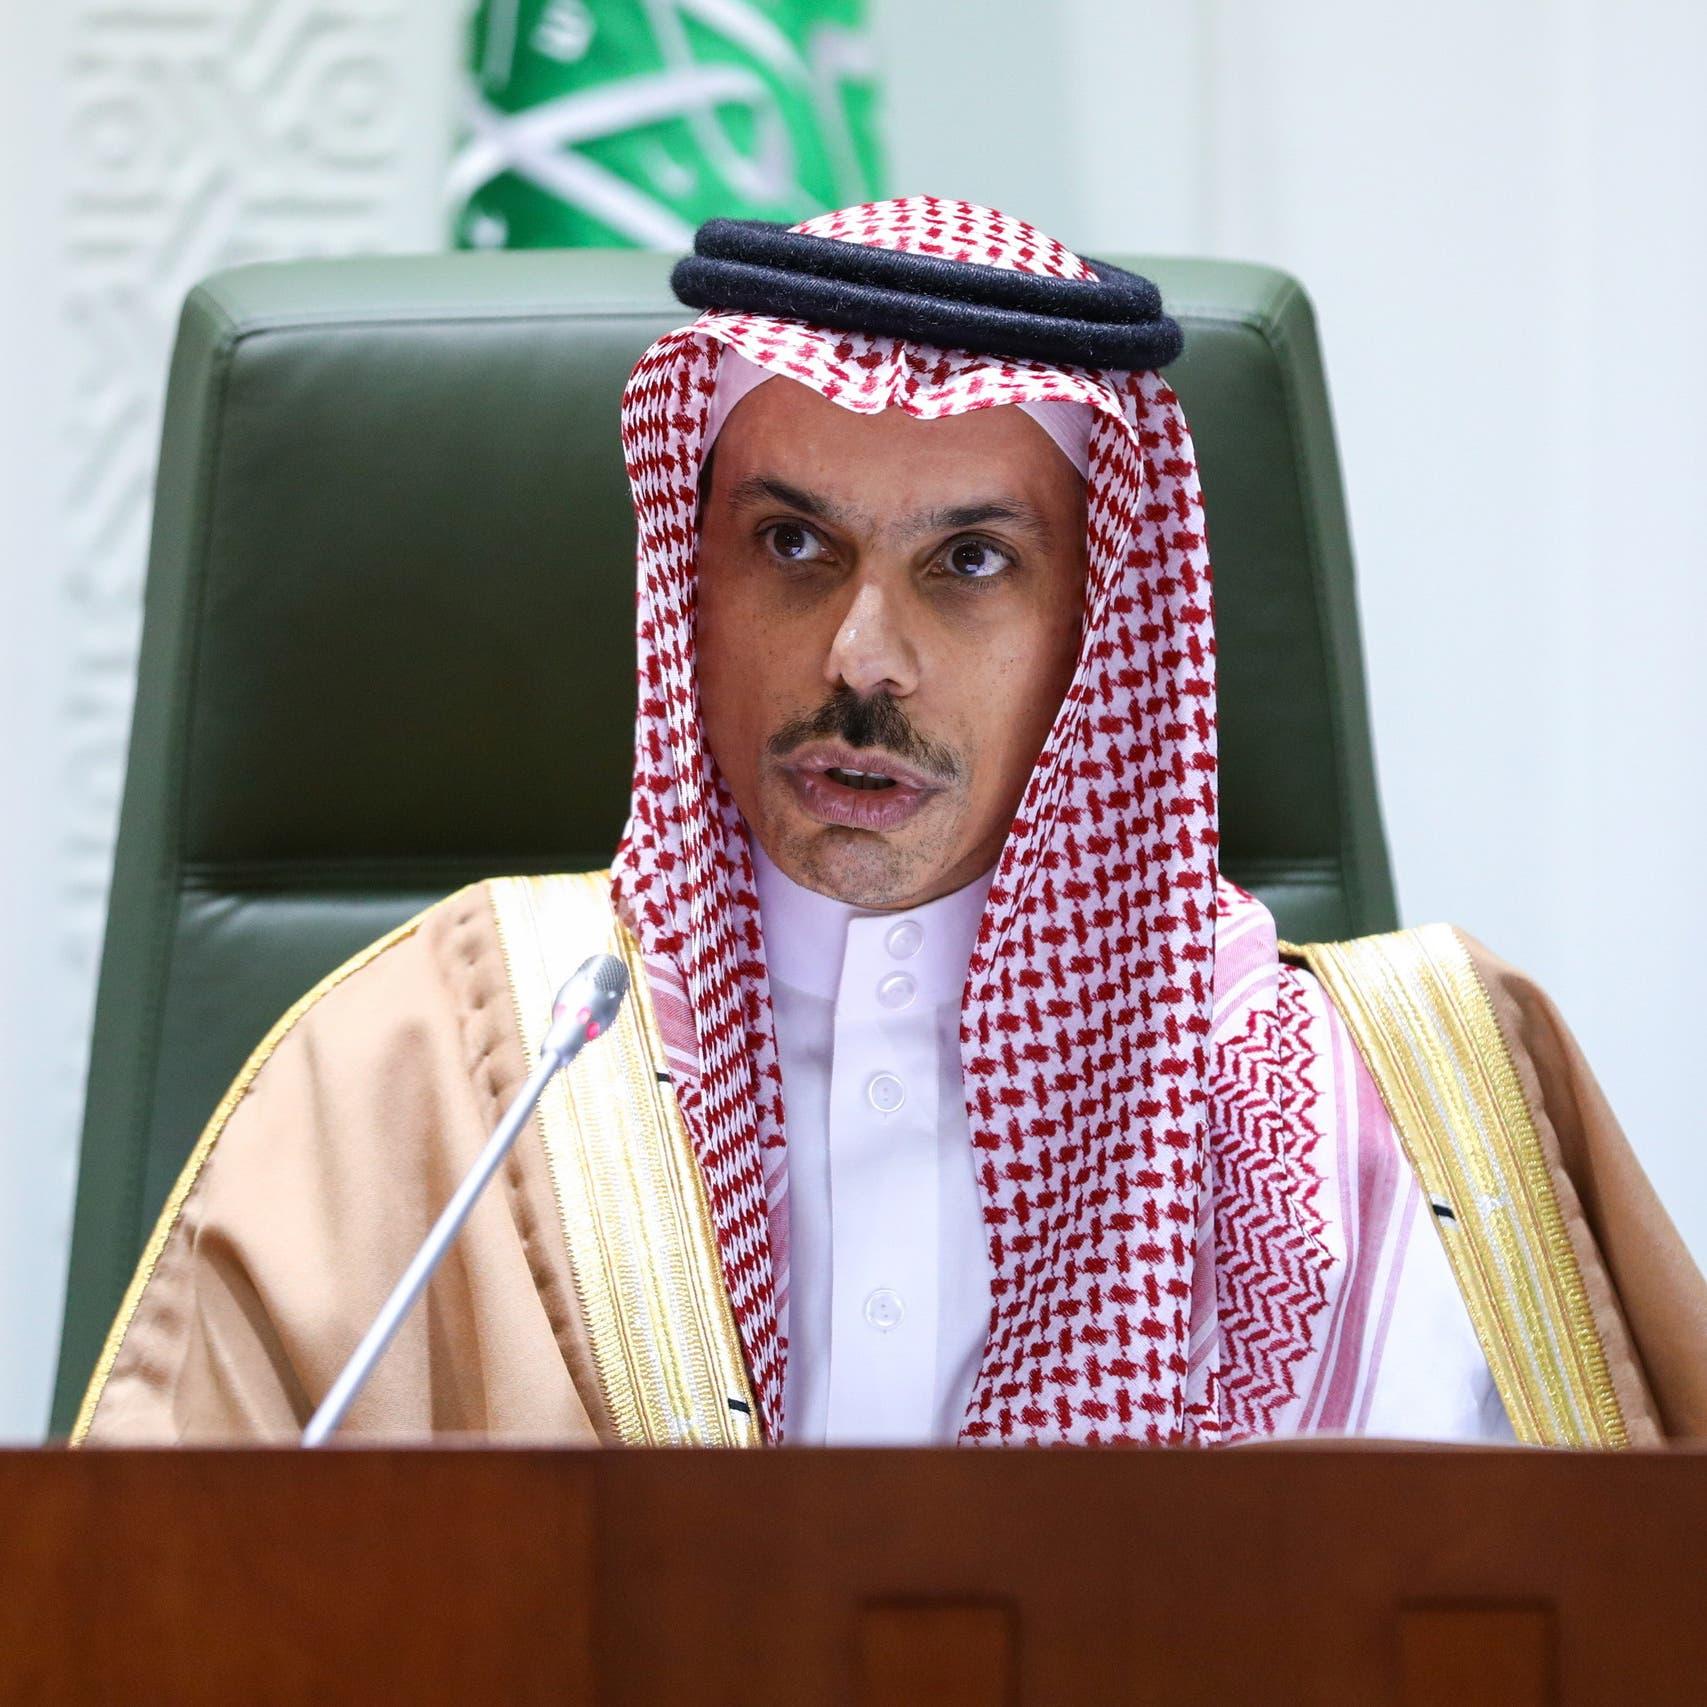 السعودية: هجمات الحوثي الفاشلة تطال عصب اقتصاد العالم